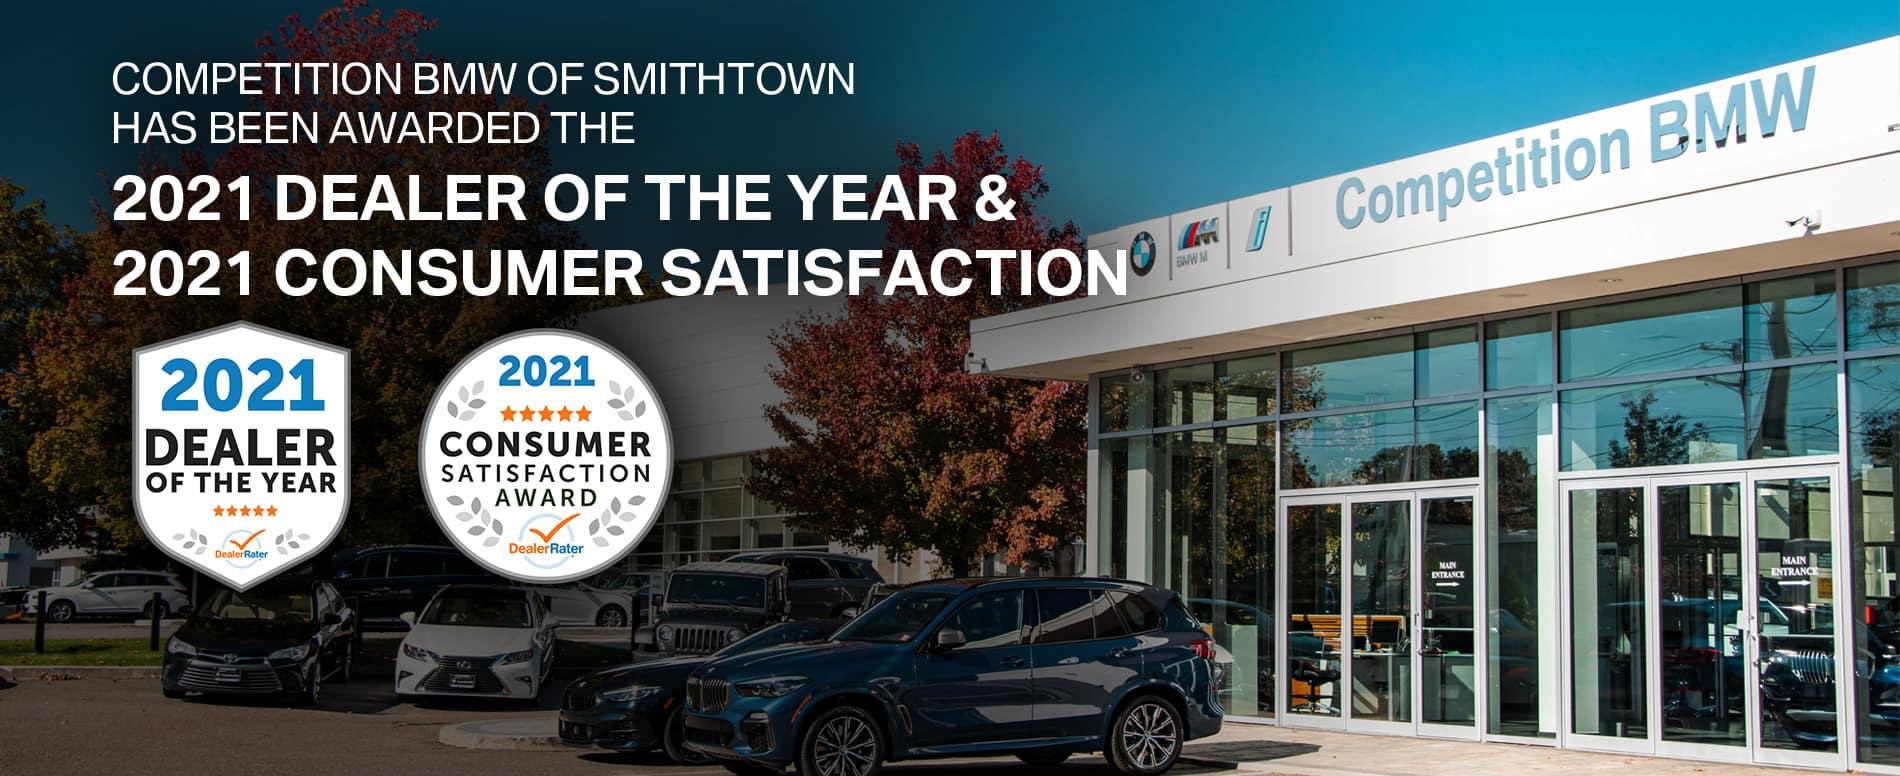 HomepageSlider-BMW-Dealer-Awards (1)